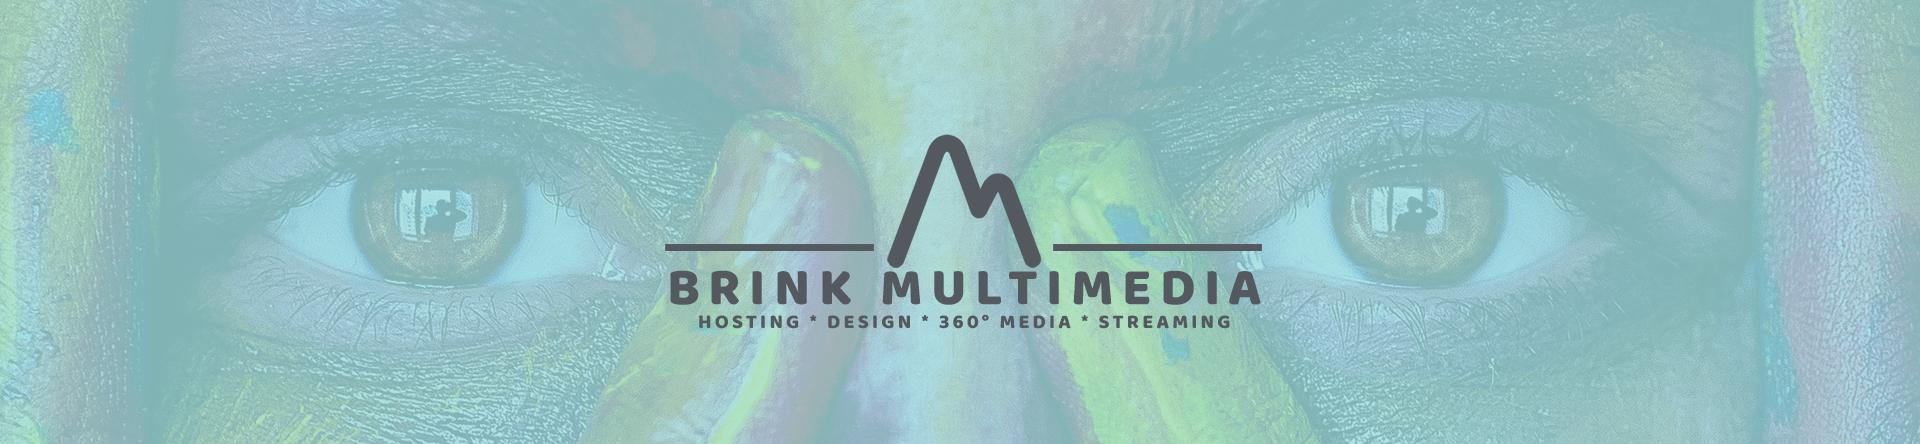 Brink Multimedia